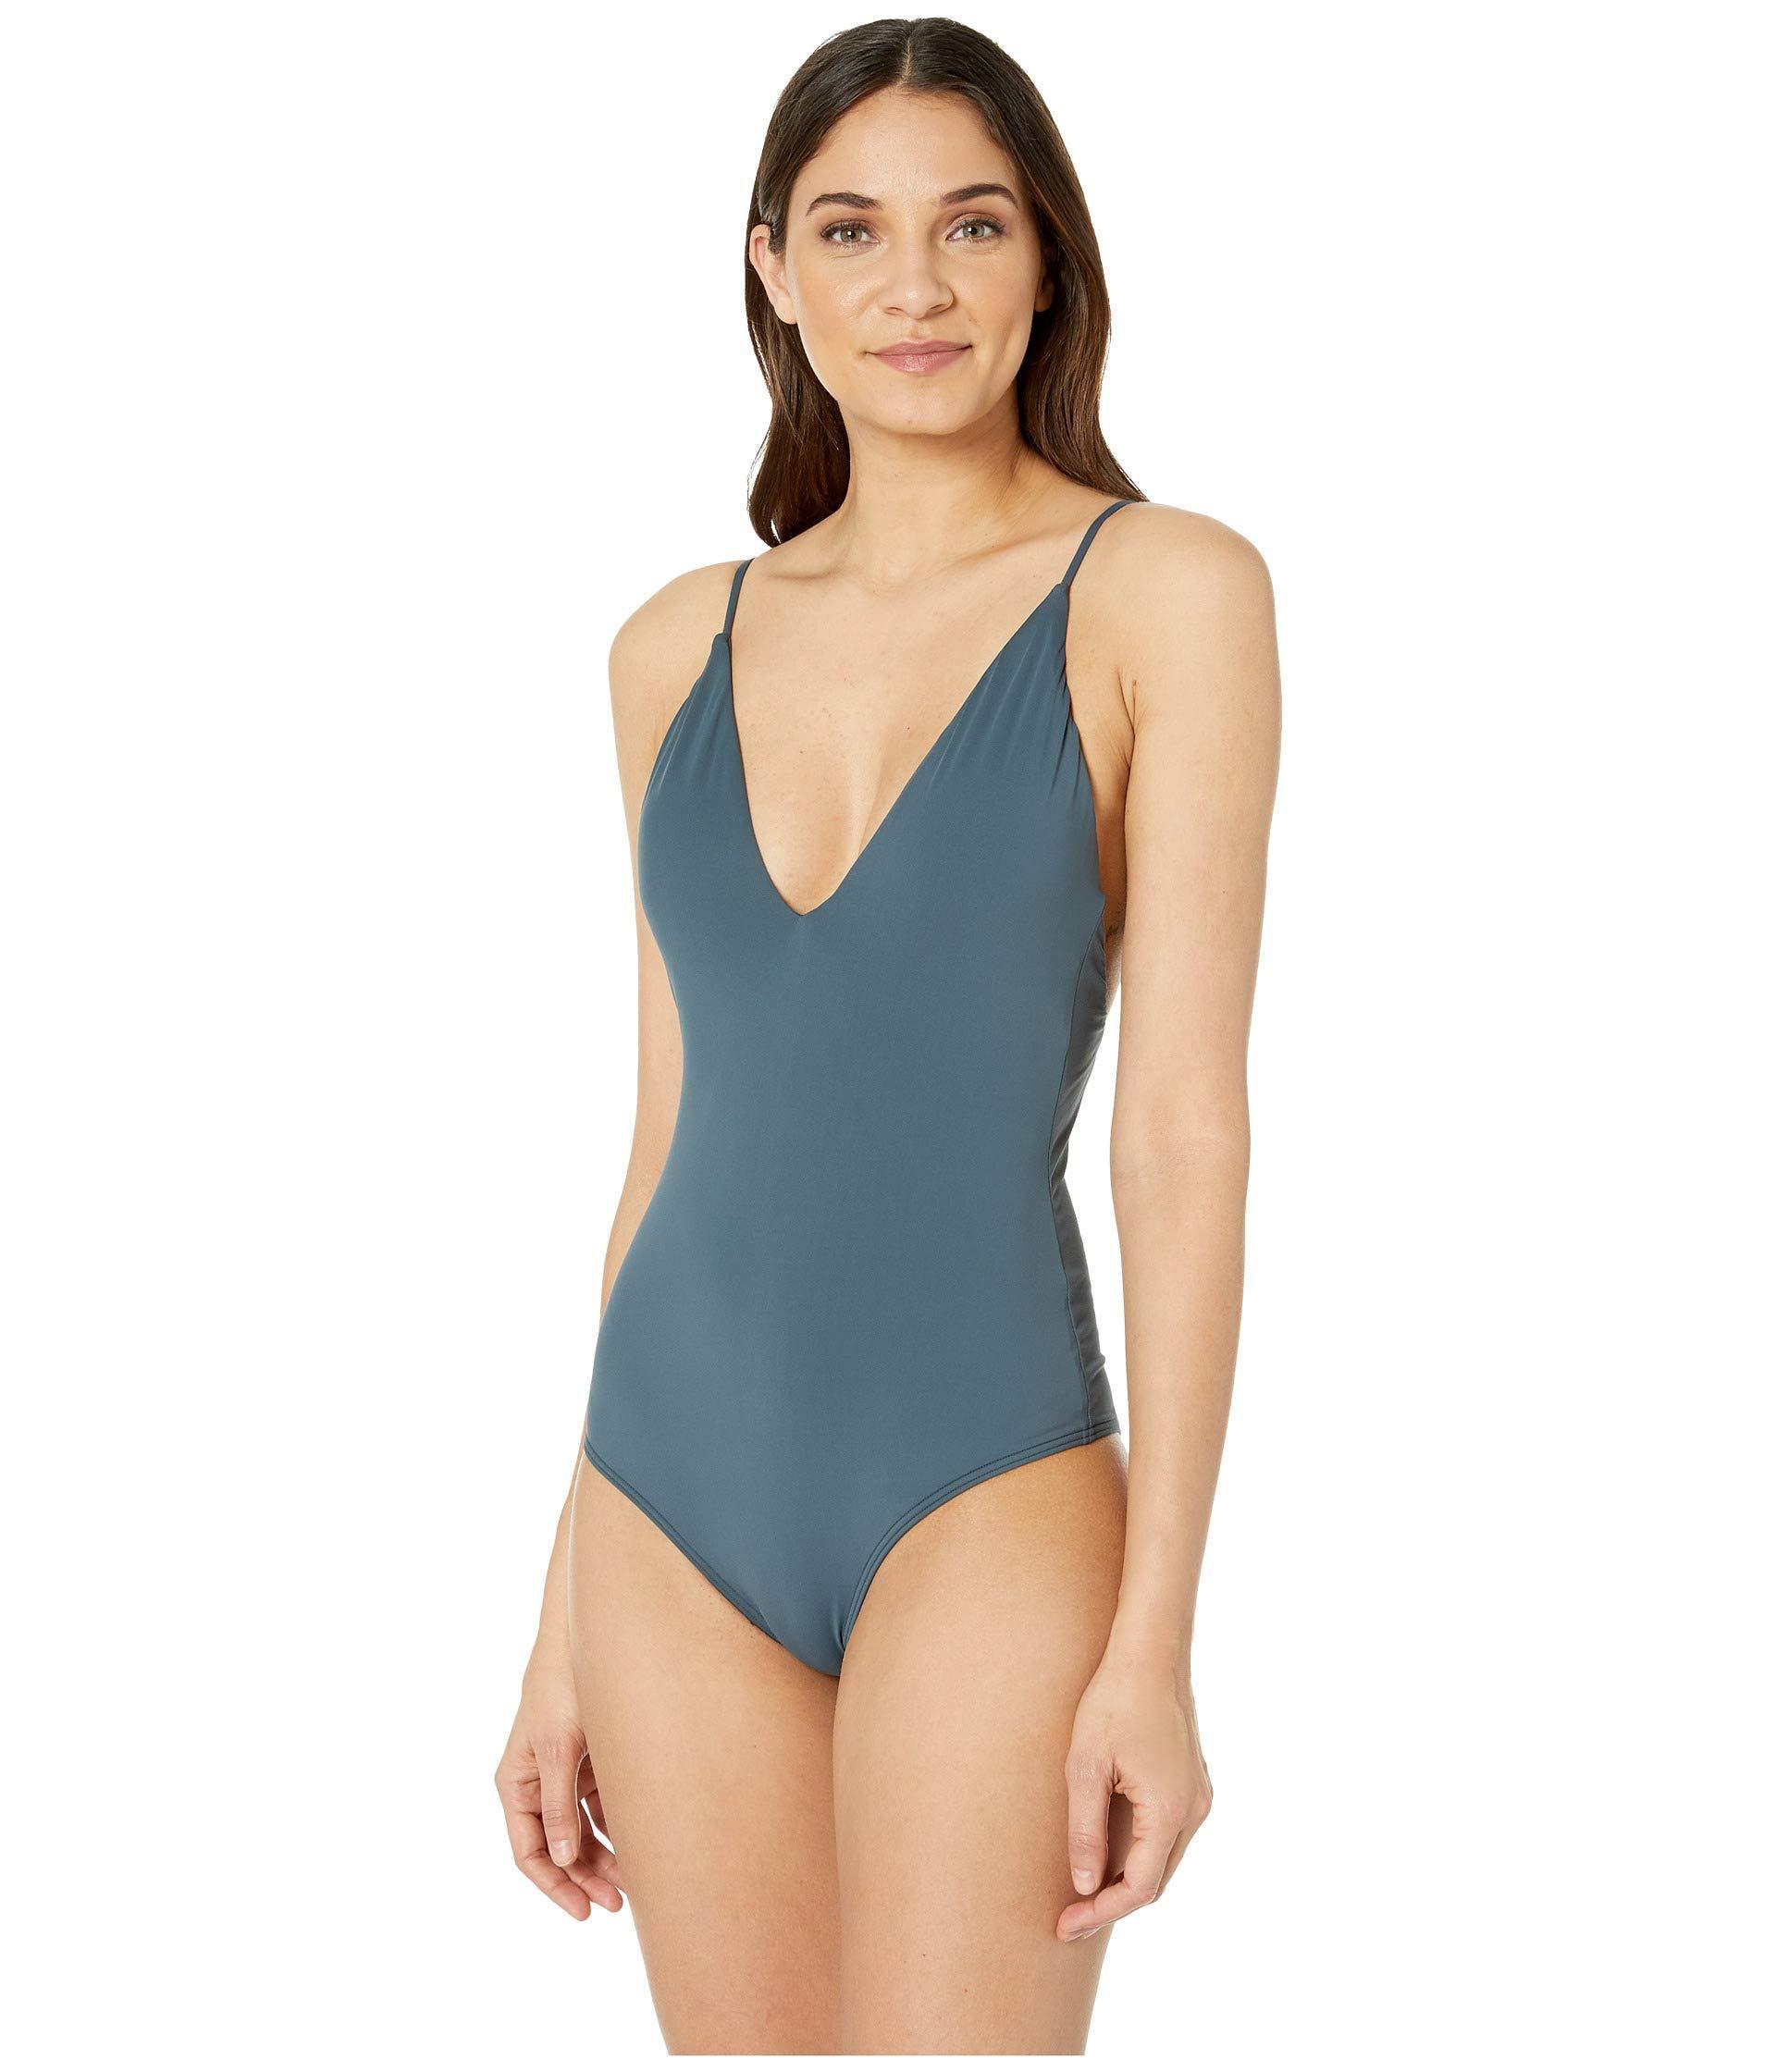 7deb1330ff84f O'neill Sportswear. Blue Salt Water Solids One-piece (black) Women's  Swimsuits ...